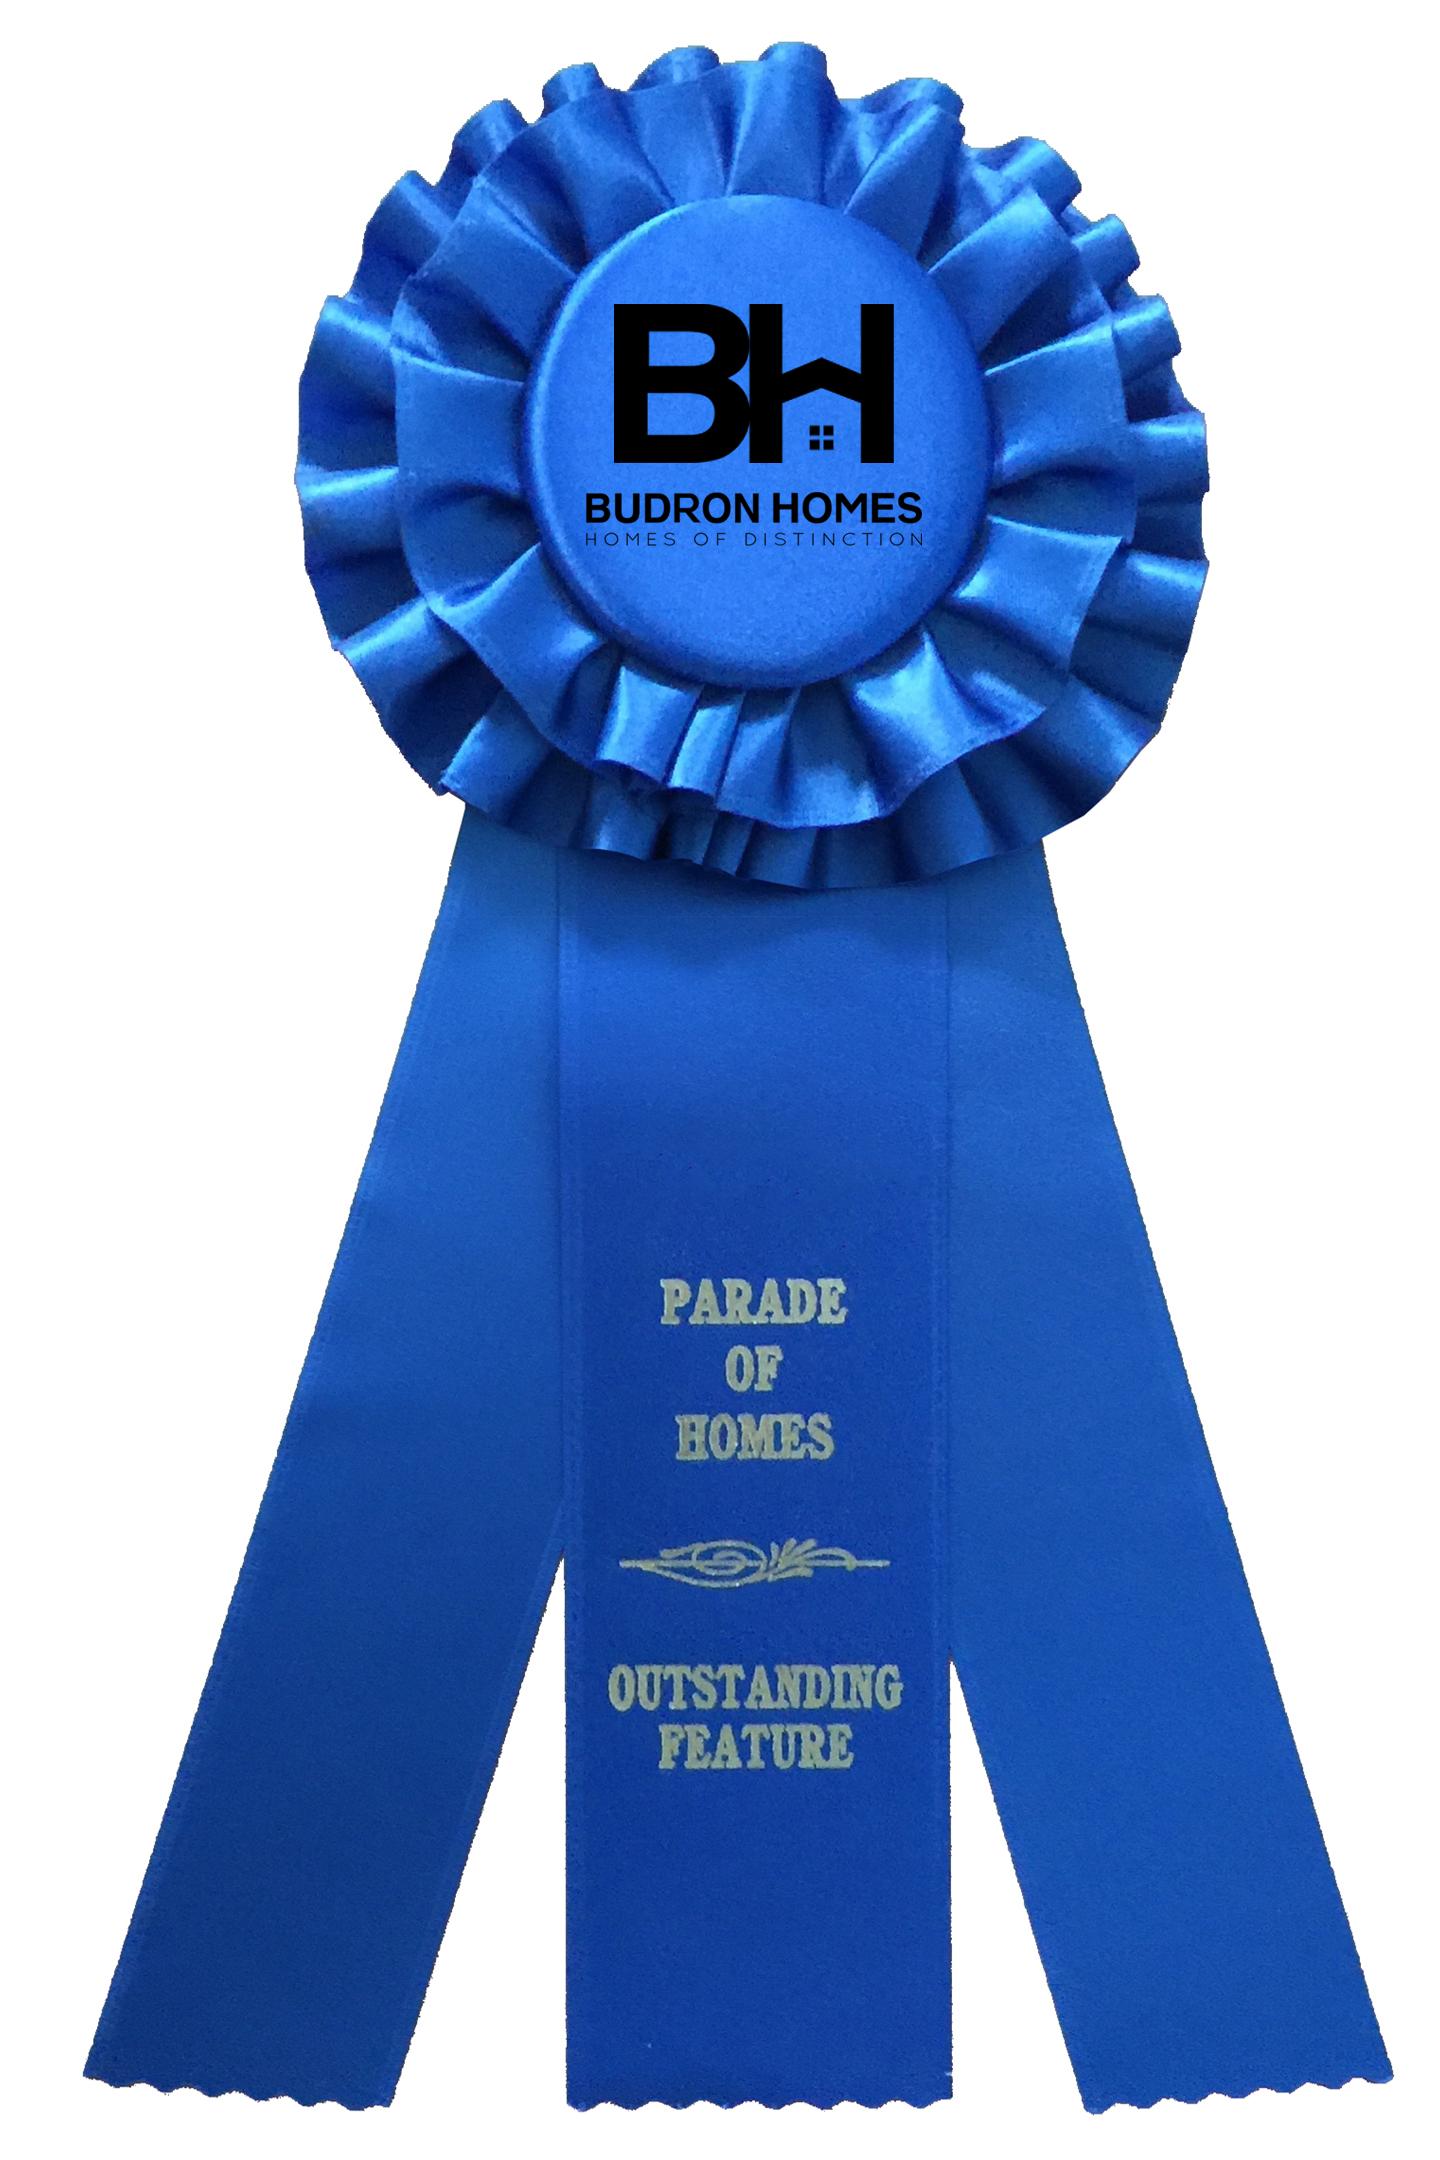 Image of Parade of Homes award